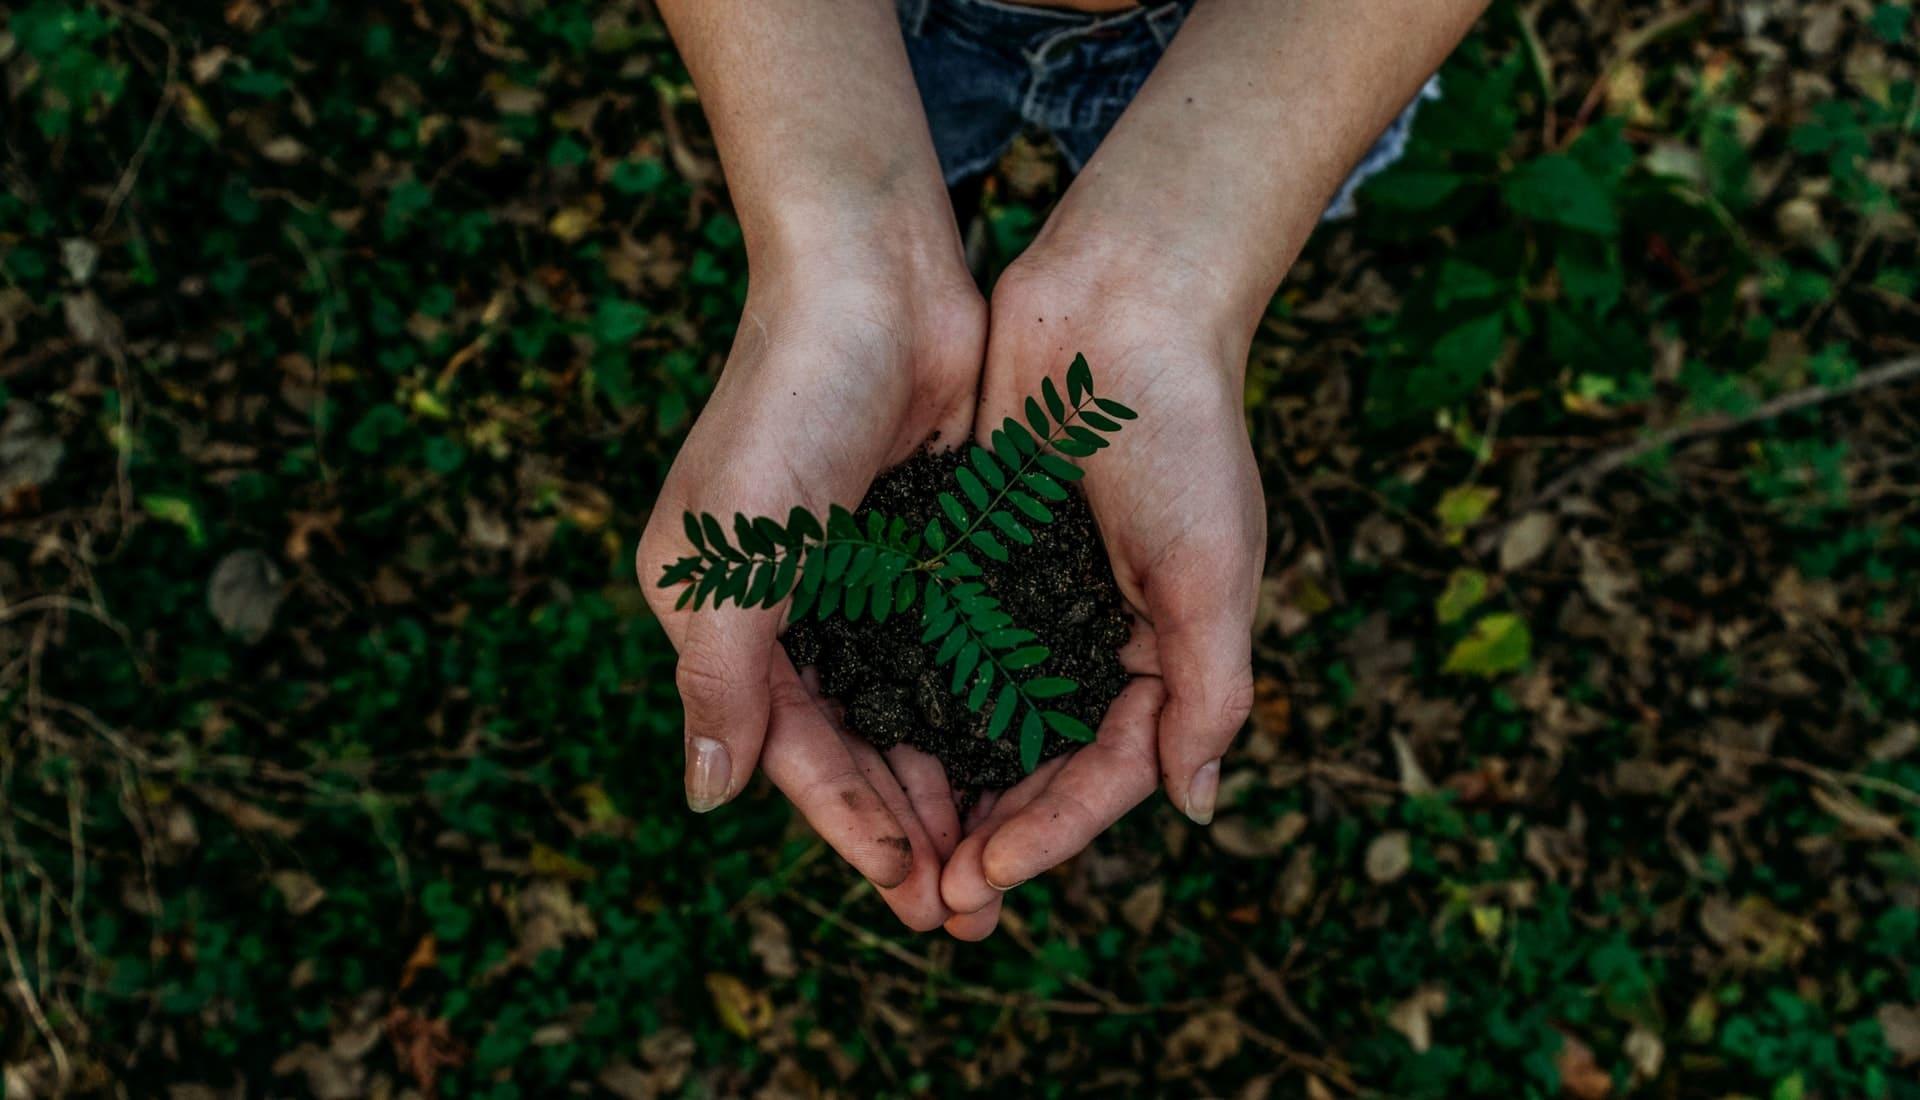 écologie 2020 2021 nature environnement accords de paris